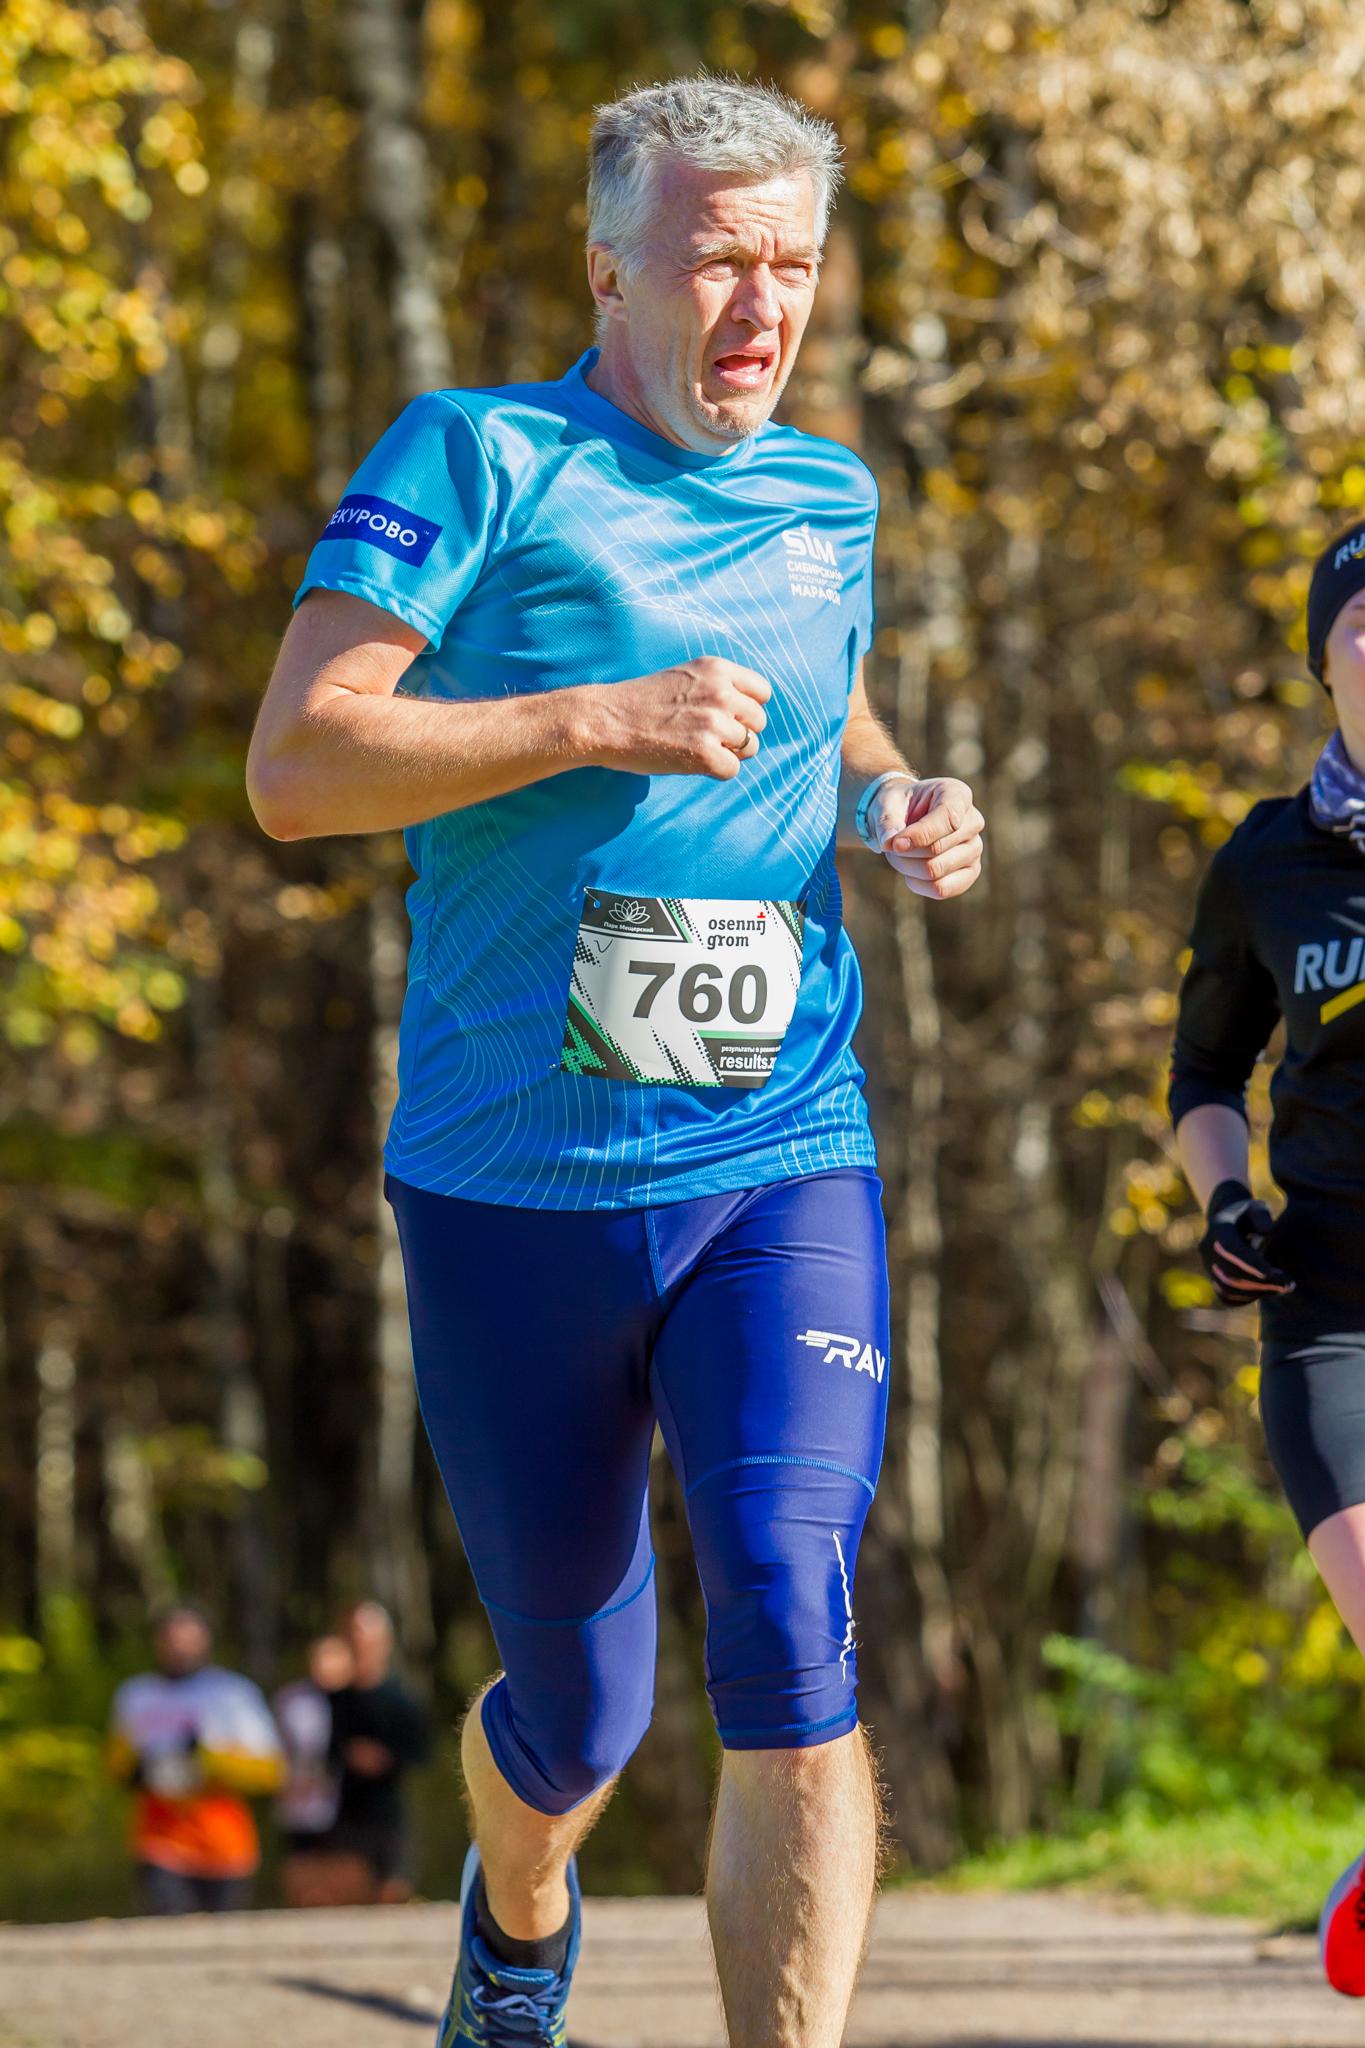 Почему бегуны такие страшные?